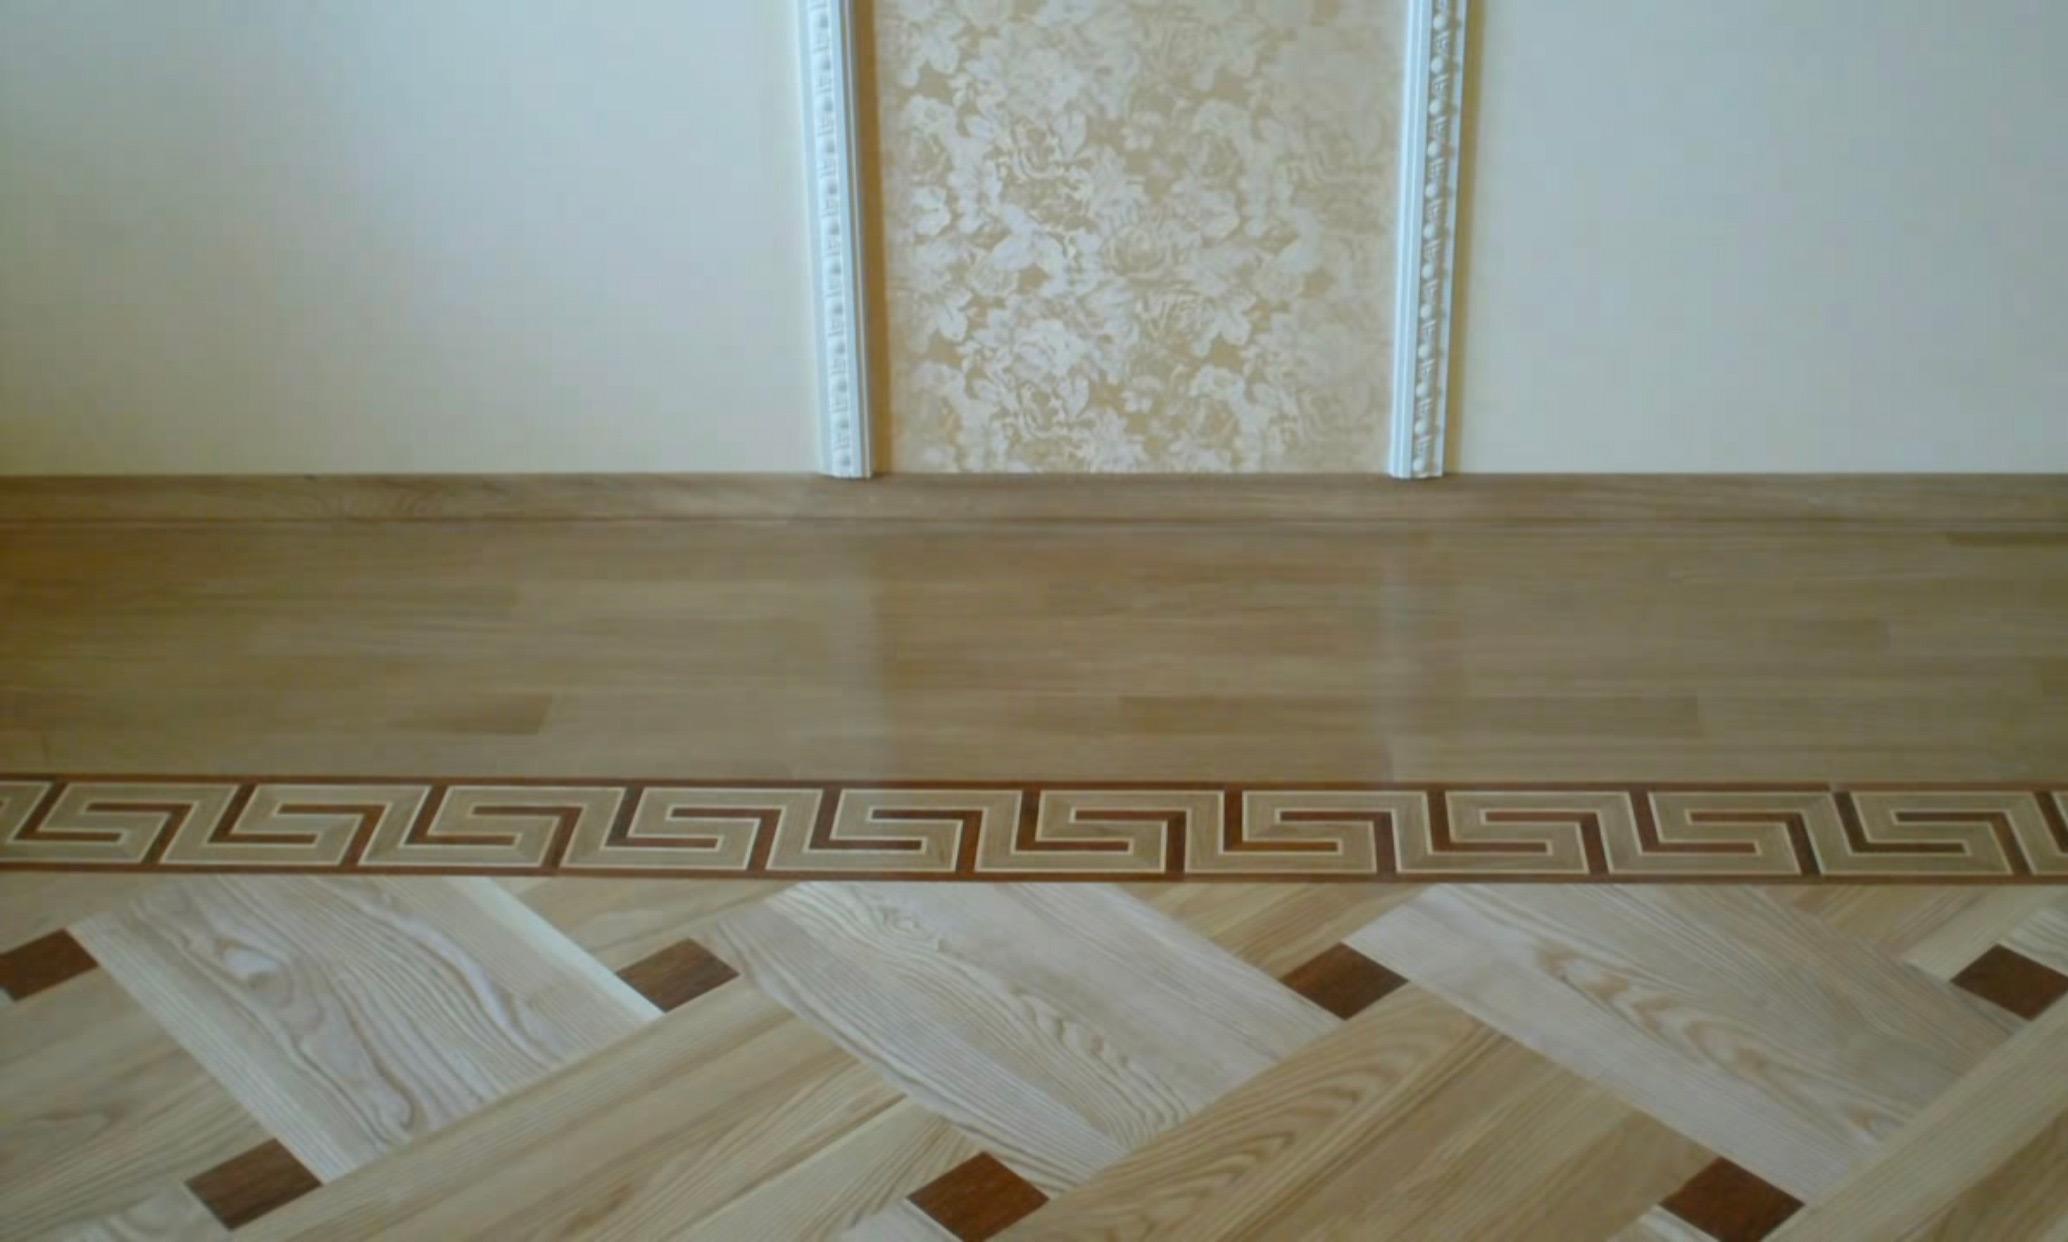 sàn gỗ caro sơn hệ gốc nước